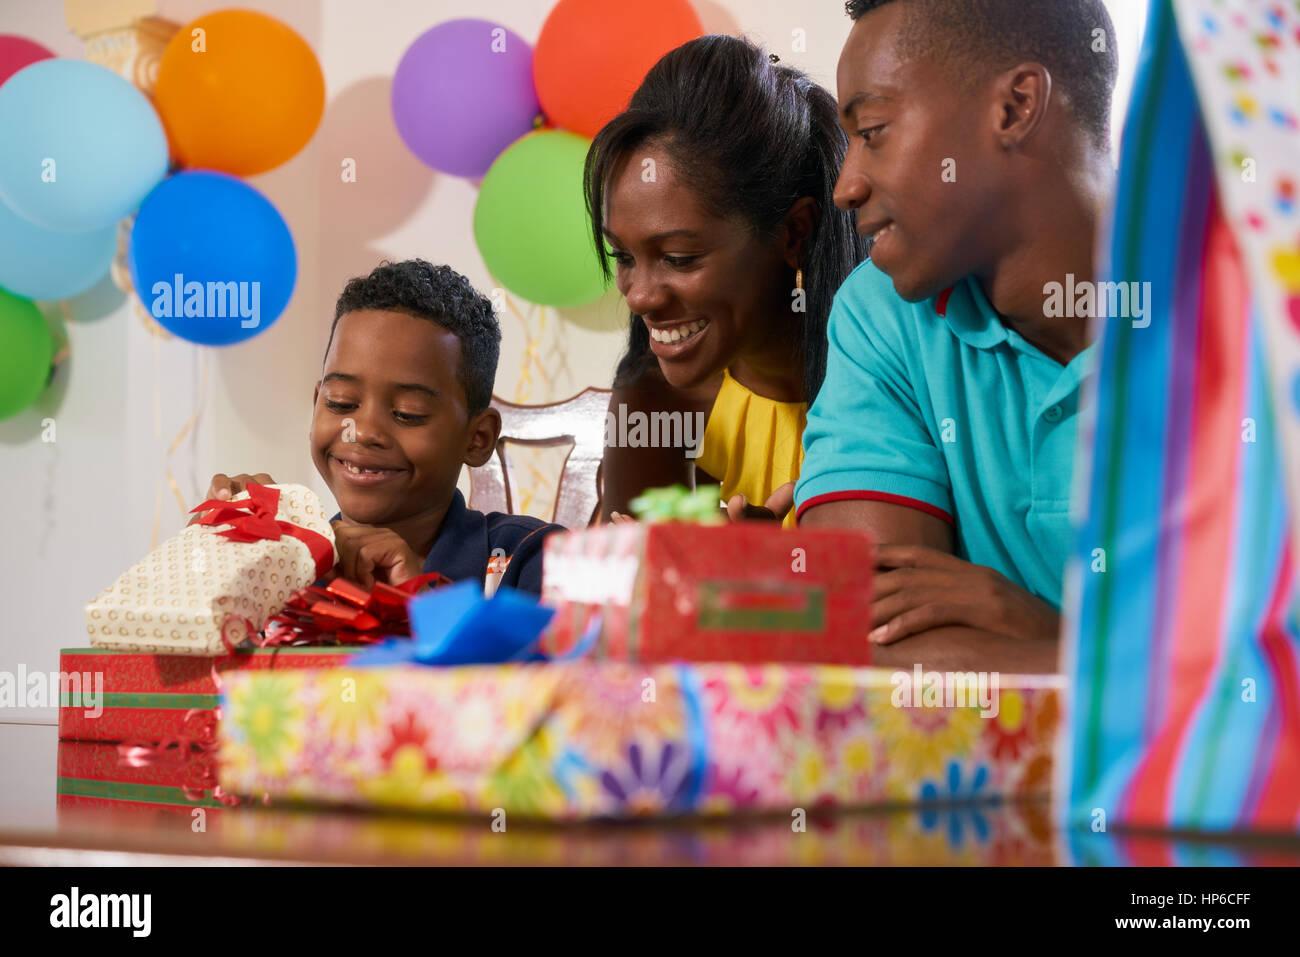 Feliz familia negra en casa. Padre afroamericano, celebrando el cumpleaños de la madre y el niño, divertirse Imagen De Stock